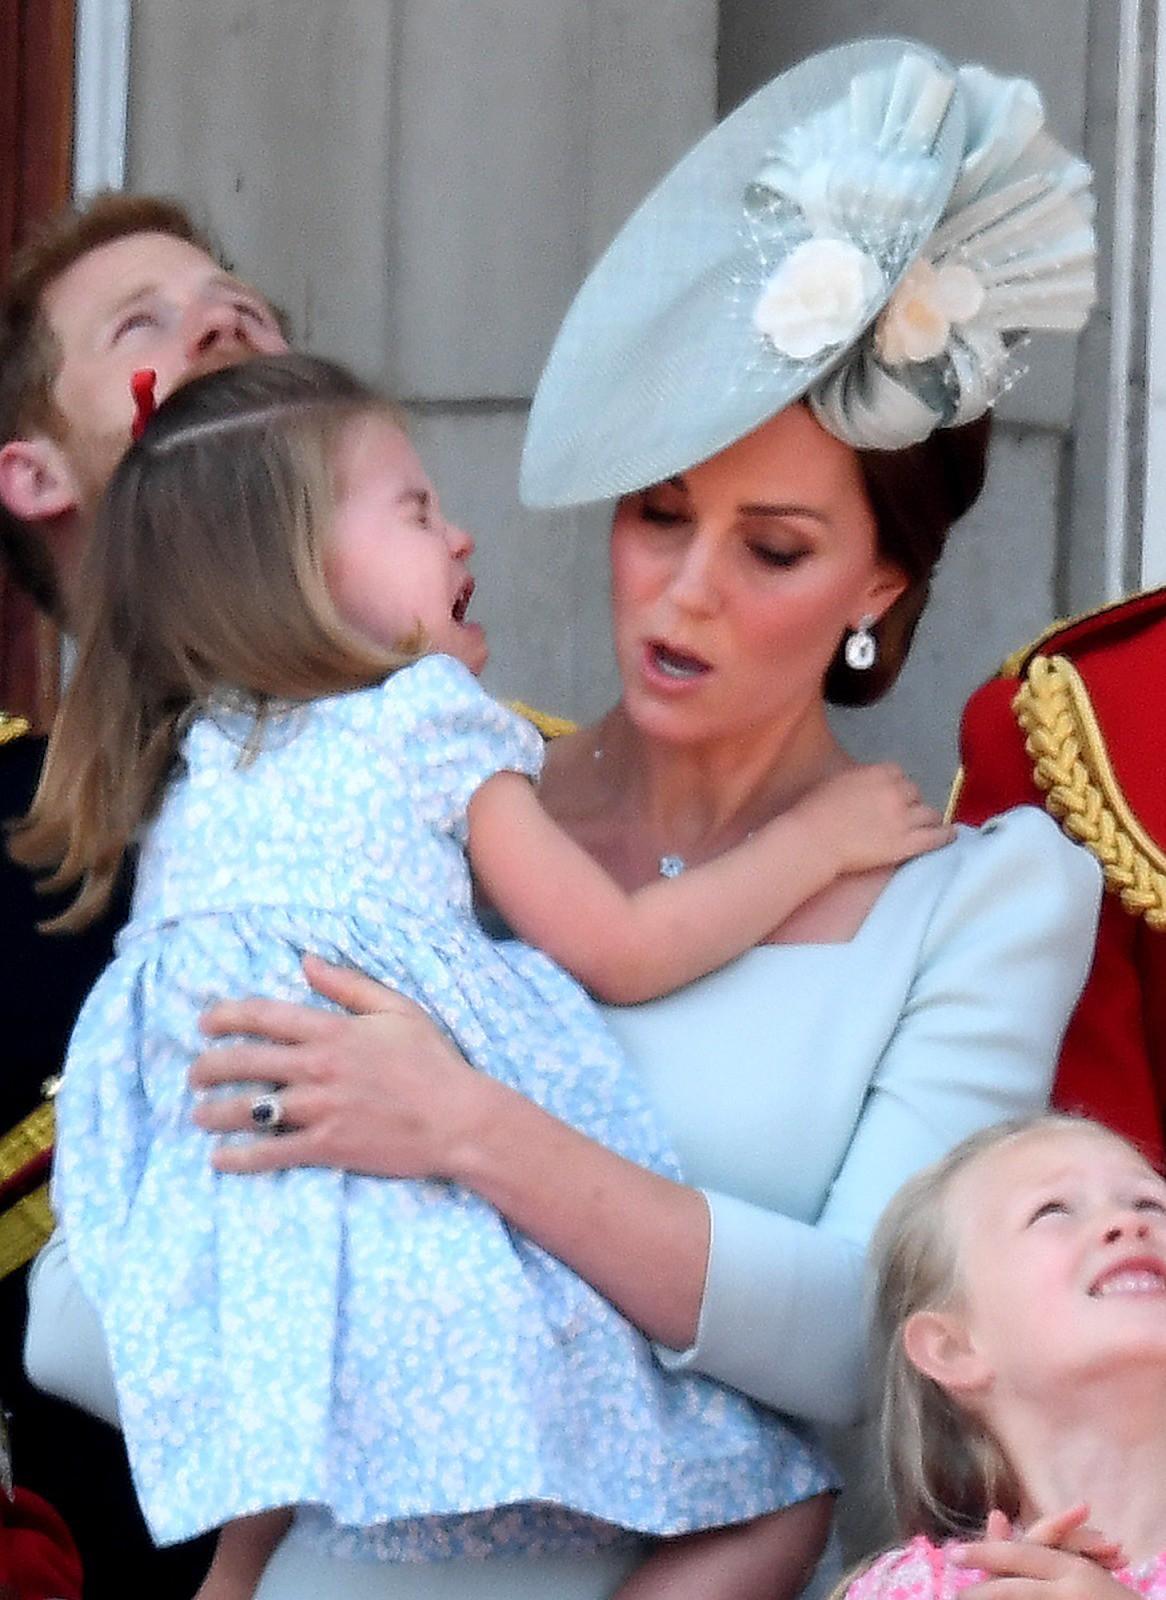 Hoàng gia Anh nghiêm túc cỡ nào cũng không thể thiếu những khoảnh khắc hài hước và hớ hênh bất đắc dĩ của các thành viên-18